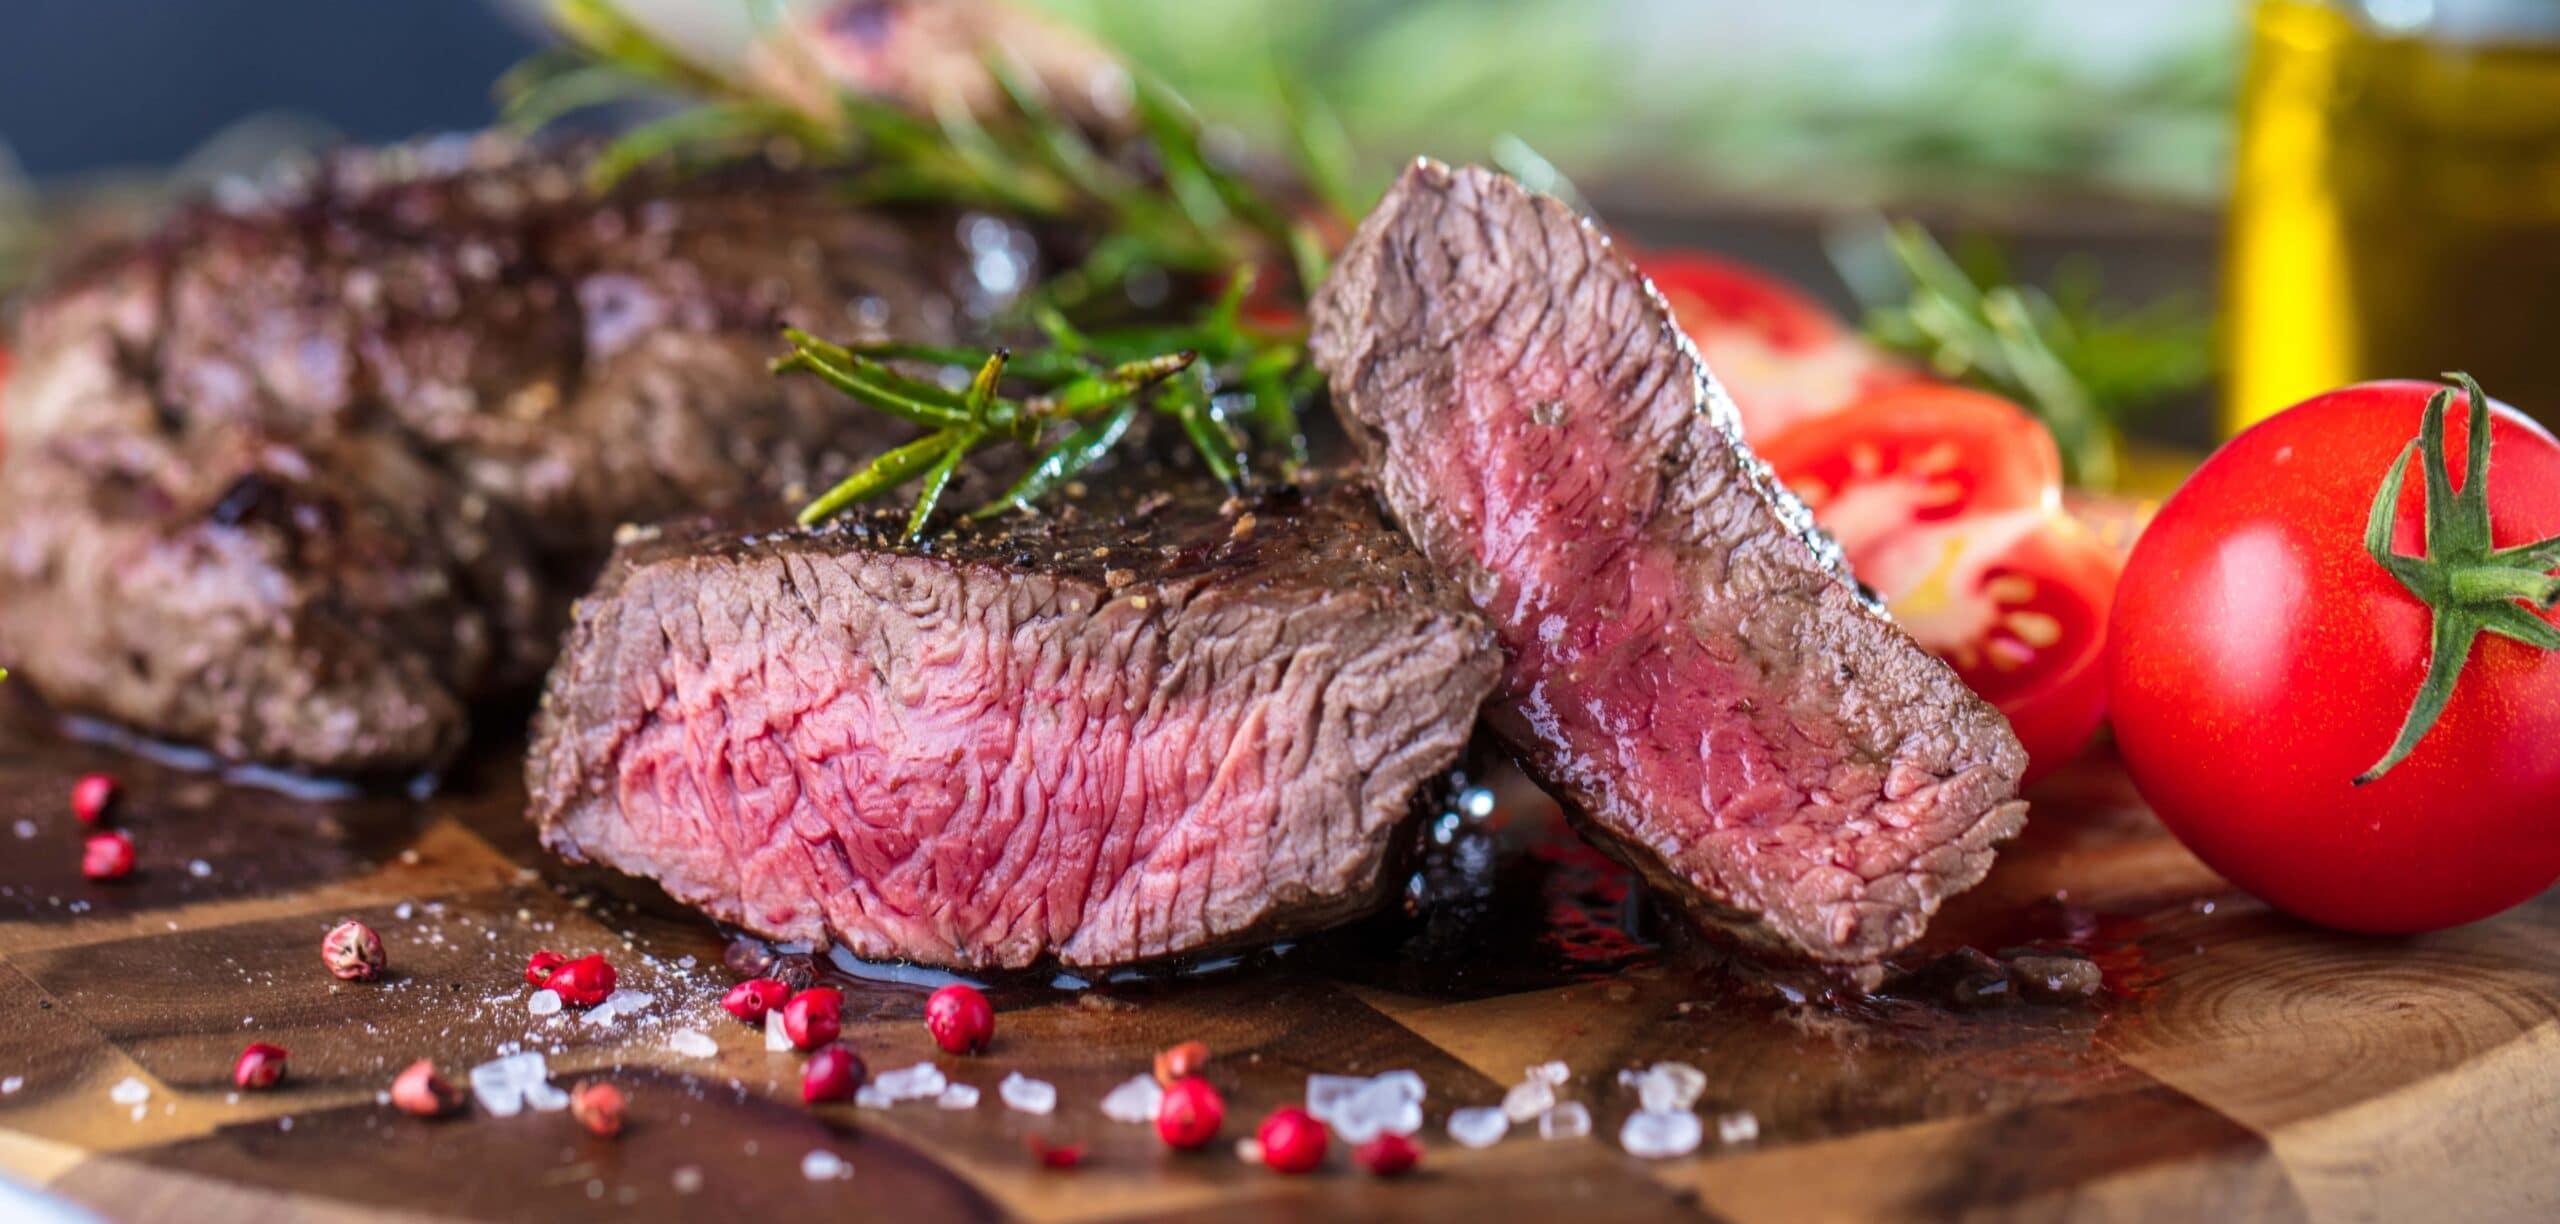 carni proteiche e carne rossa